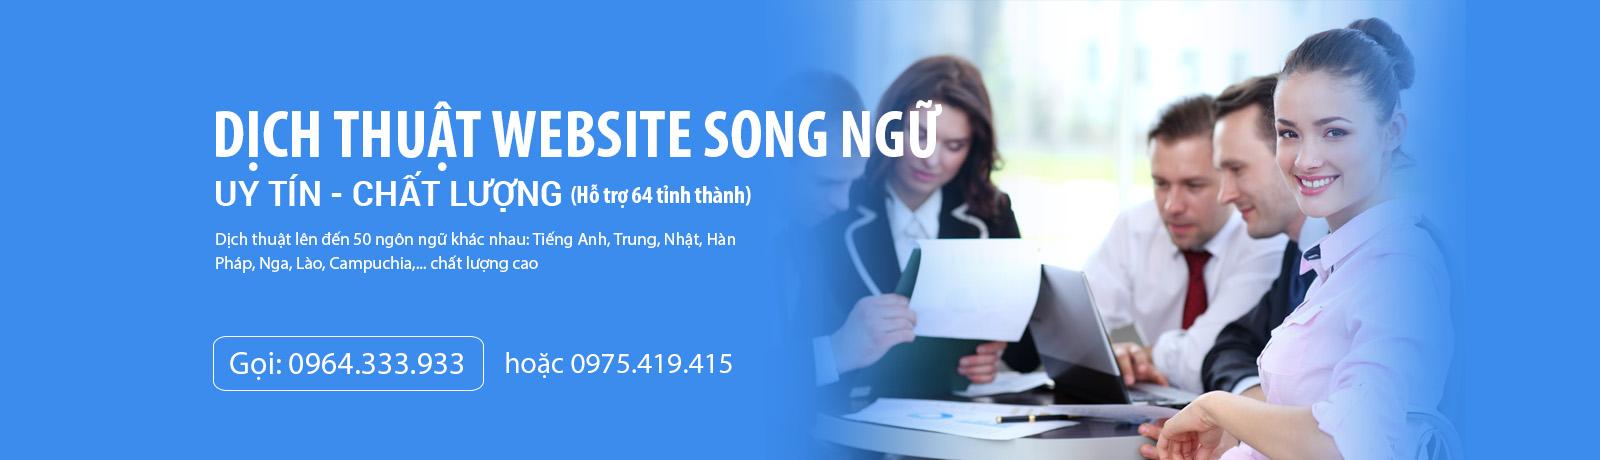 Dịch thuật website song ngữ tiếng Việt - Anh - Trung - Nhật - Hàn